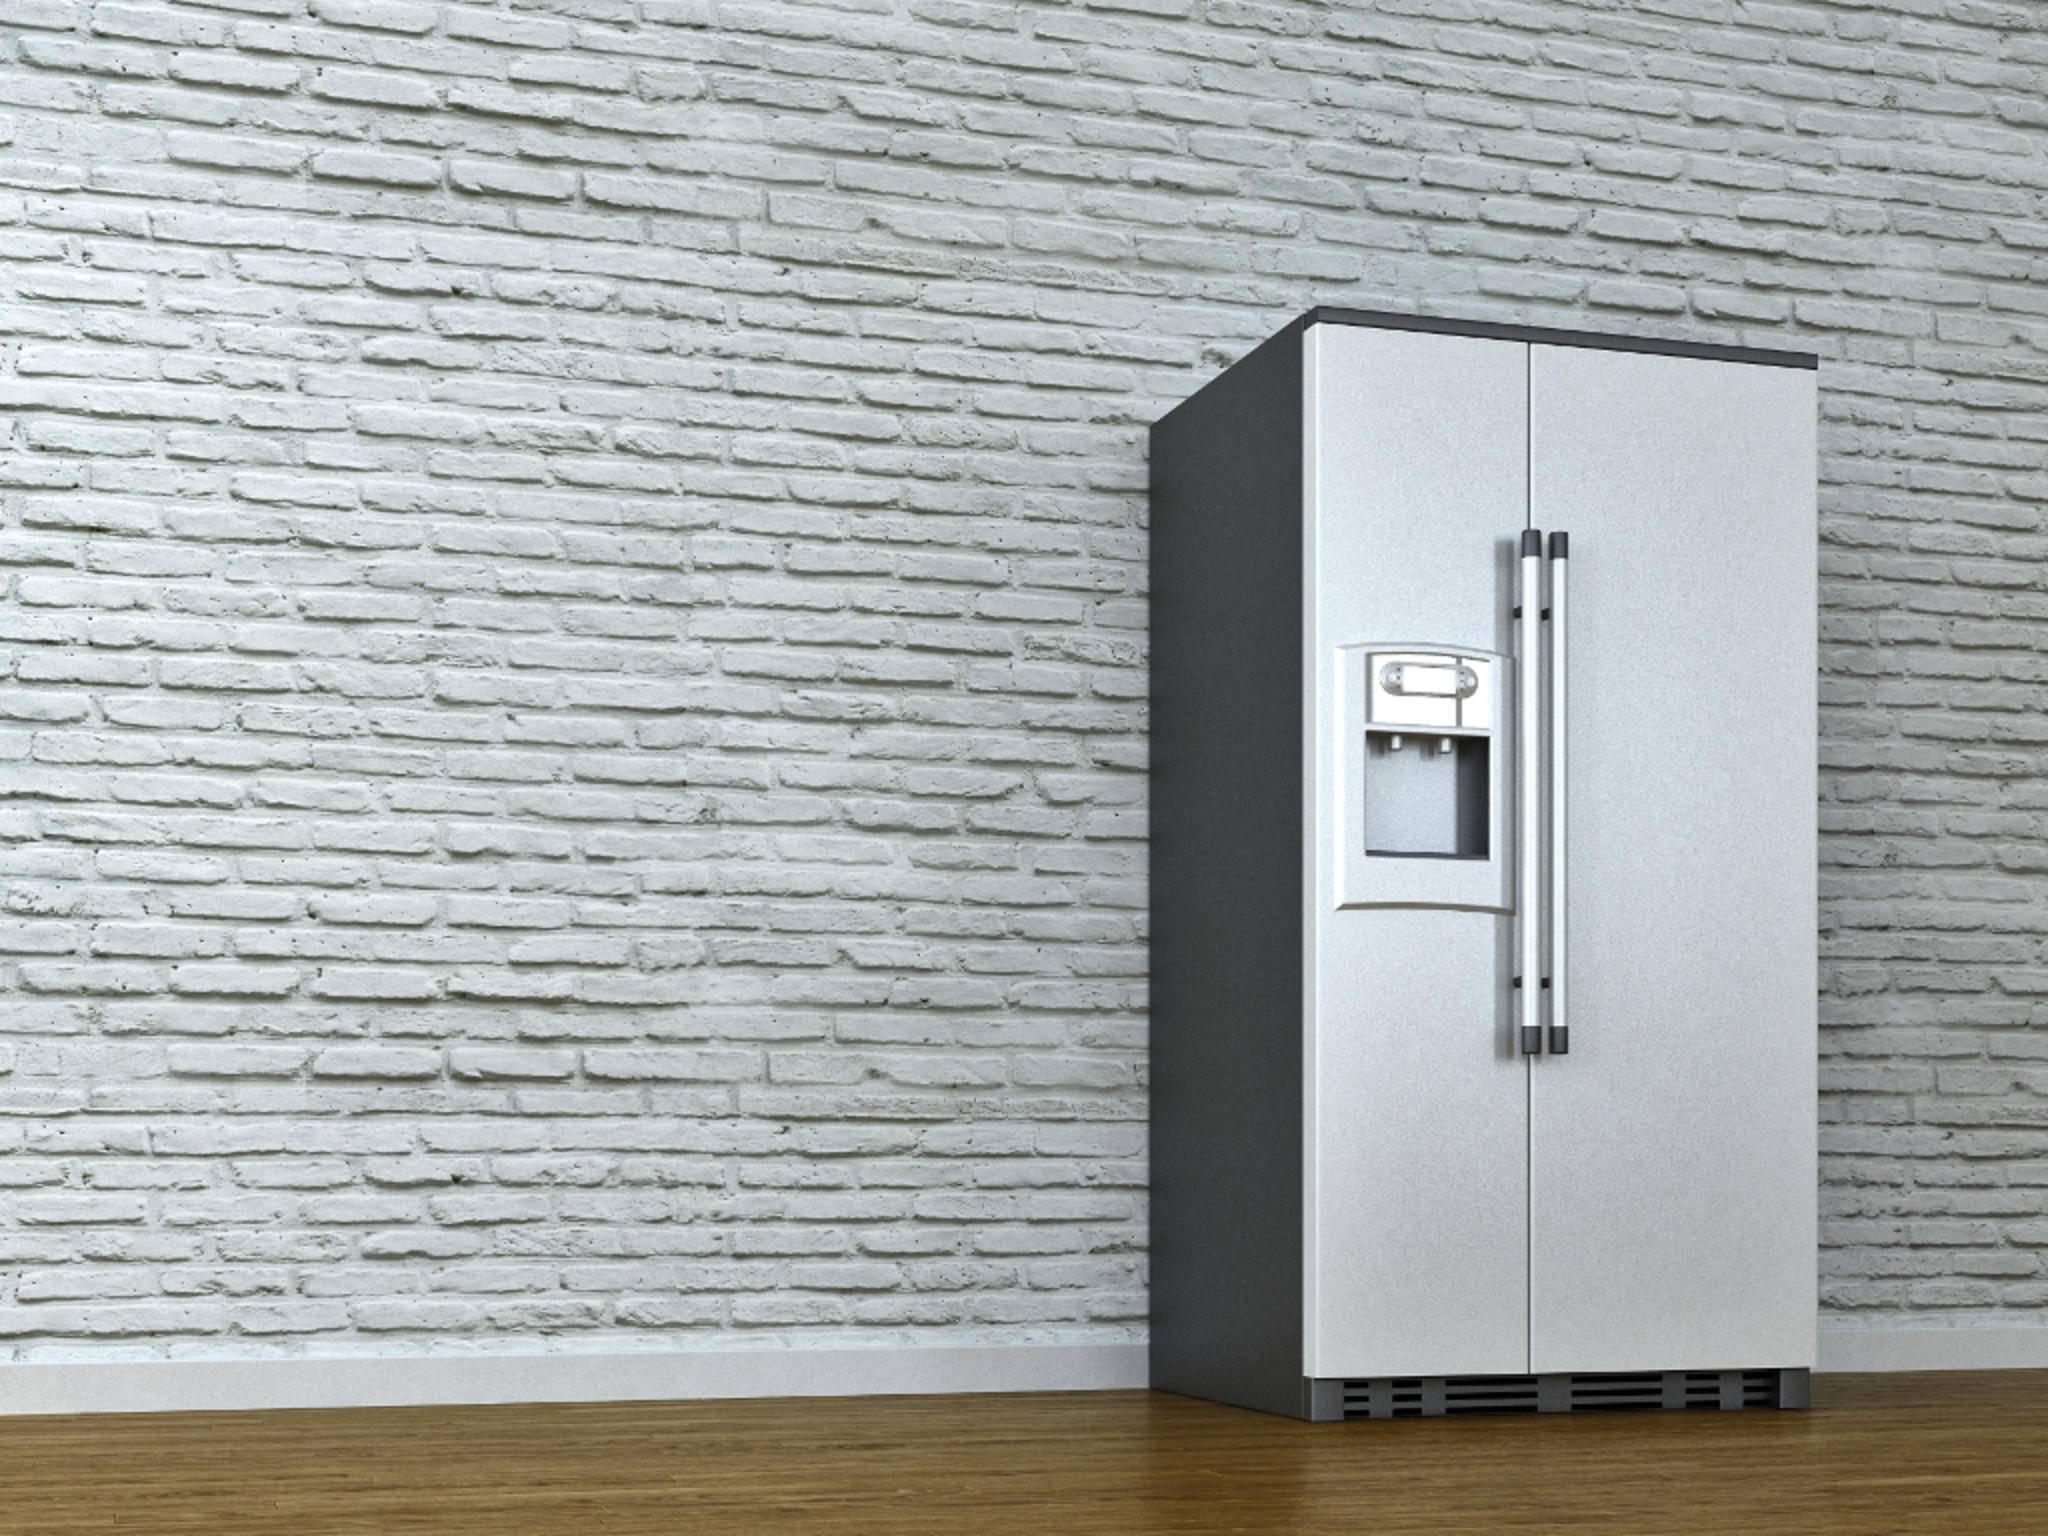 Ein Kühlschrank sollte am besten immer im Stehen transportiert werden.